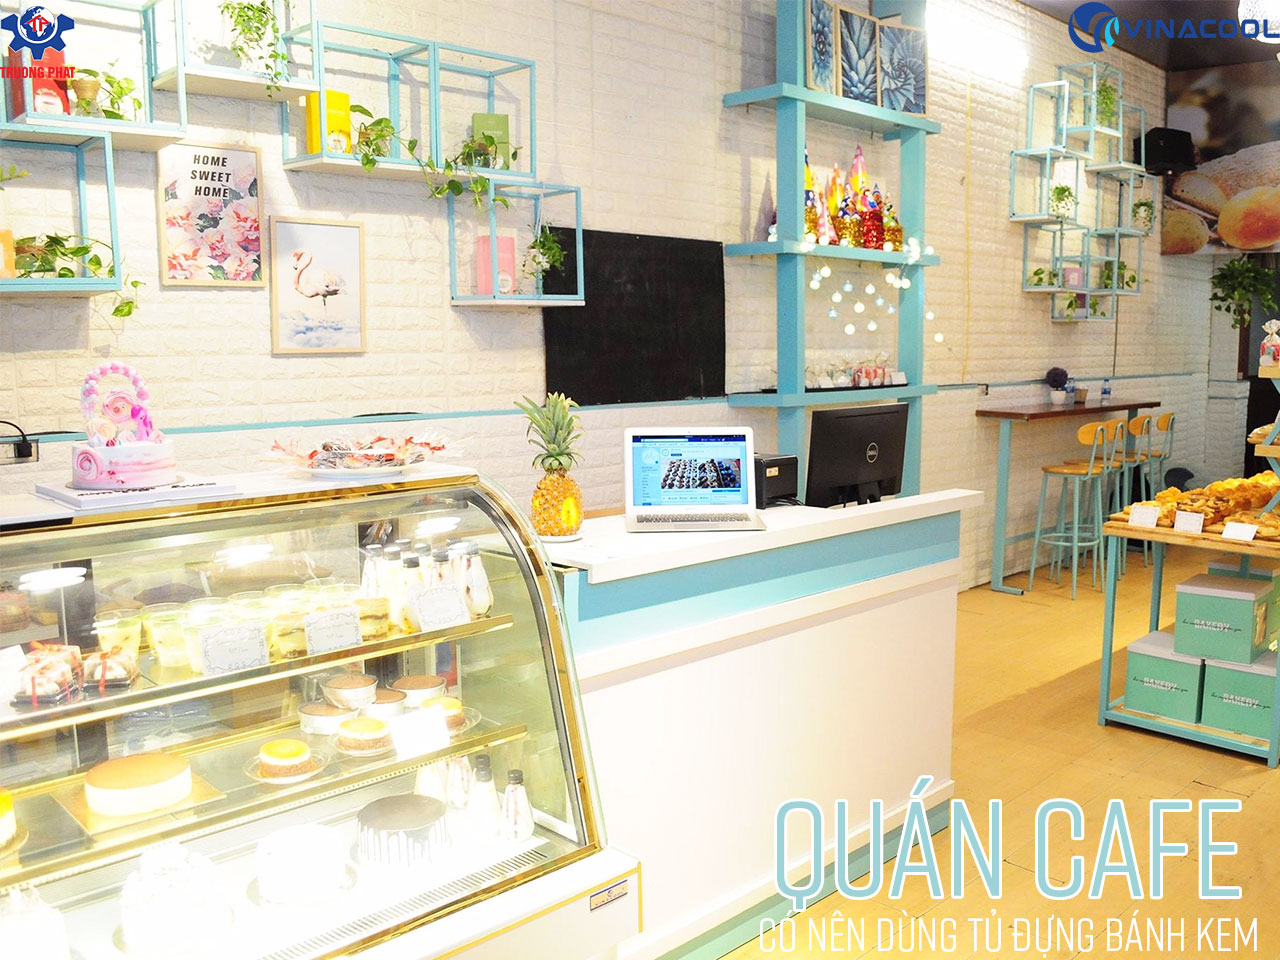 Quán Cafe có nên dùng tủ đựng bánh kem